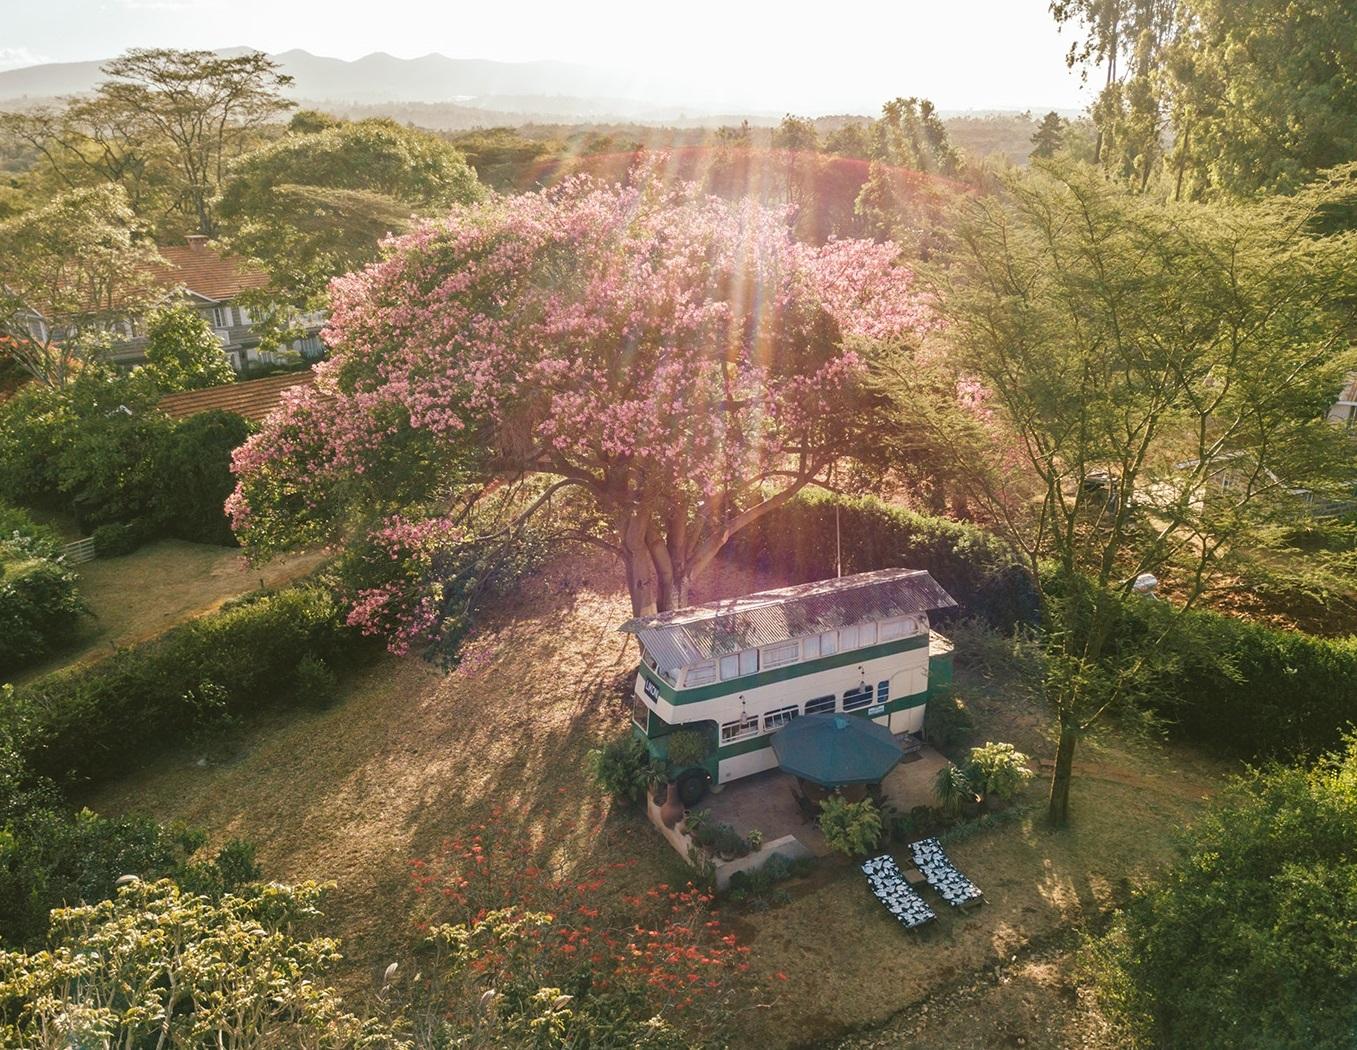 Brandy, o ônibus (Foto: Divulgação)